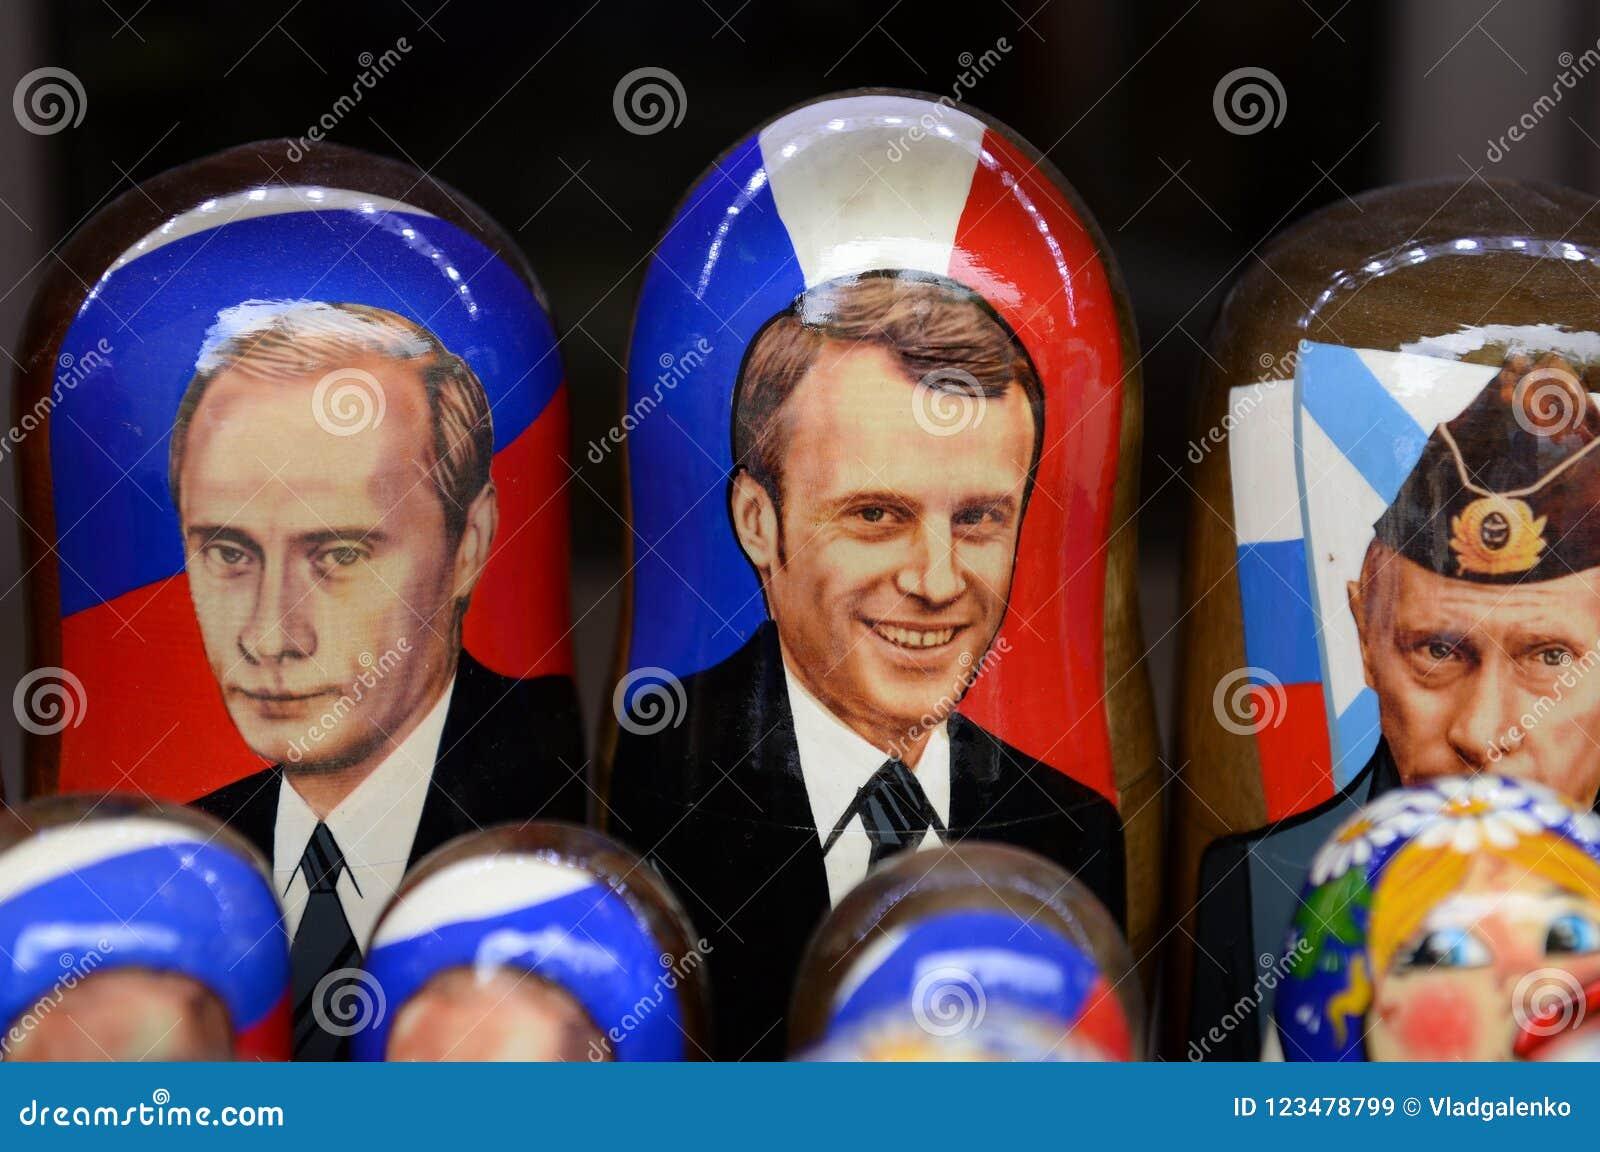 Куклы сувениров-matryoshka показывая русского президента Владимира Путина и французского президента Emmanuel Macron